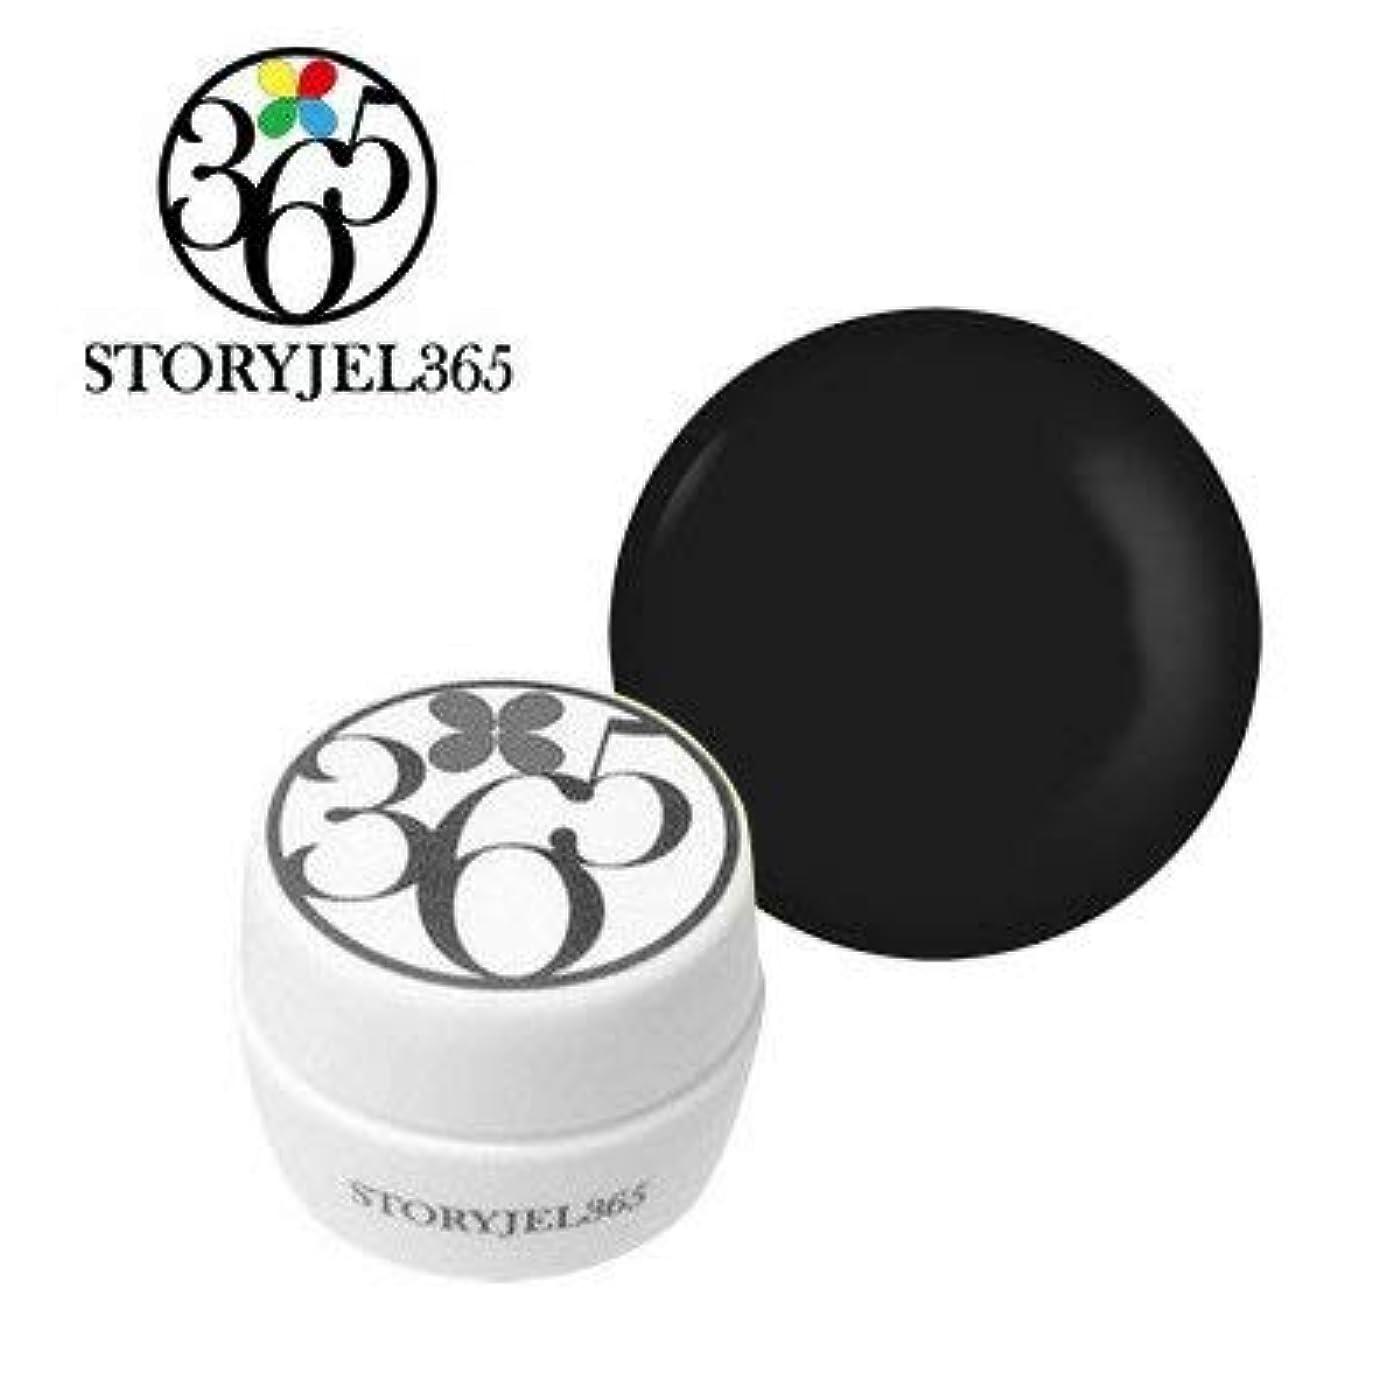 ラウズブーム軍STORYJEL365 カラージェル 5g (ストーリージェル) SJS-301M-D 聖なる石